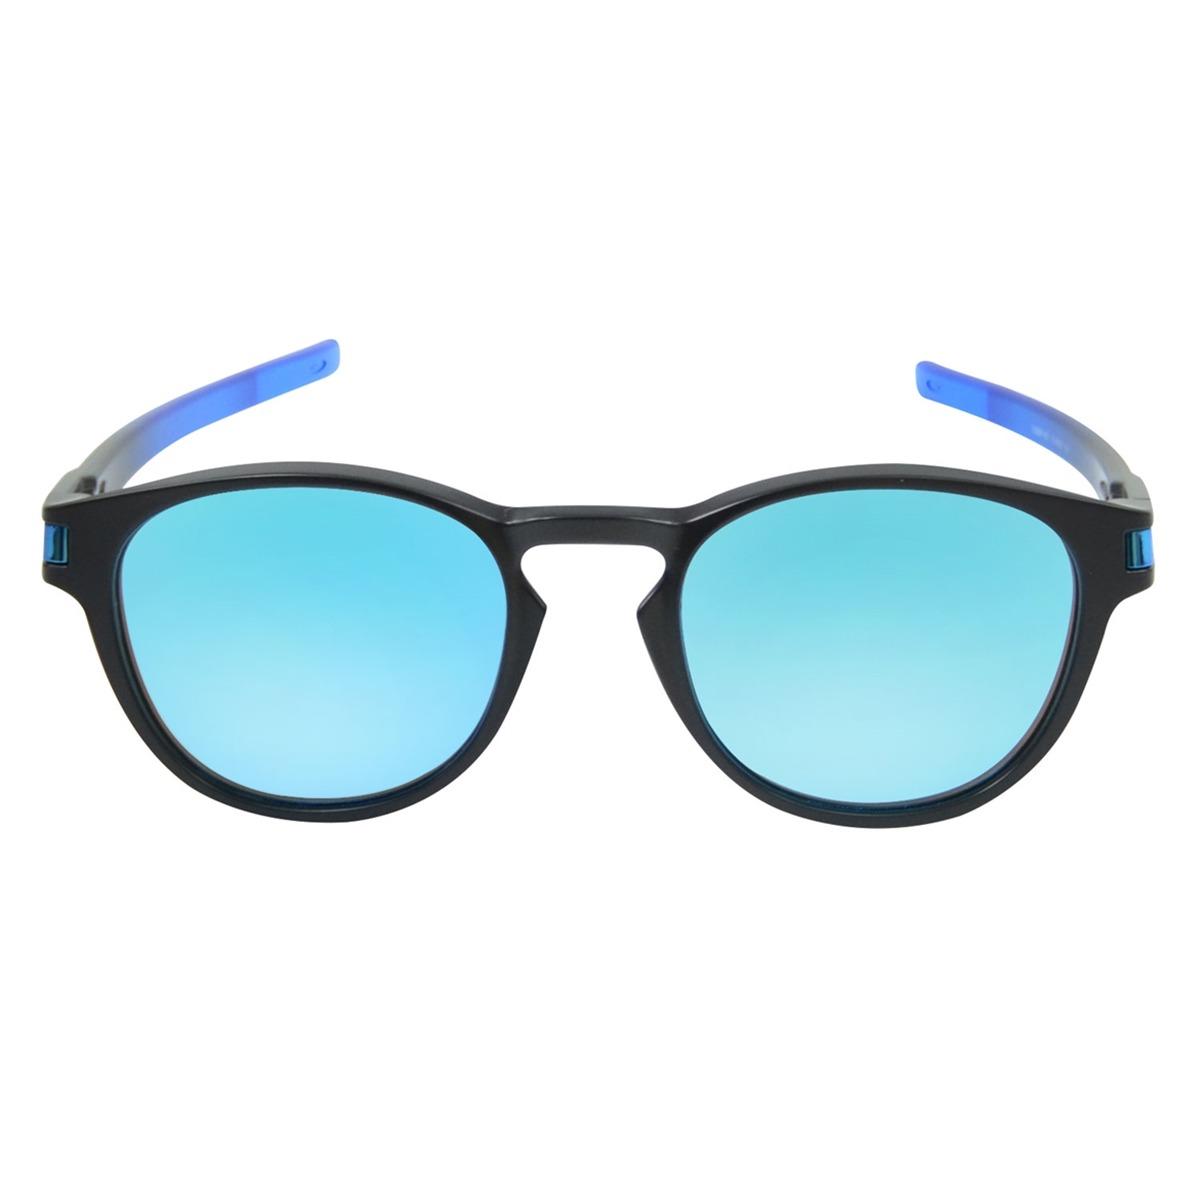 Óculos Oakley Latch Prizm Espelhado Preto L Azul - R  670,00 em ... 5bf0a72321